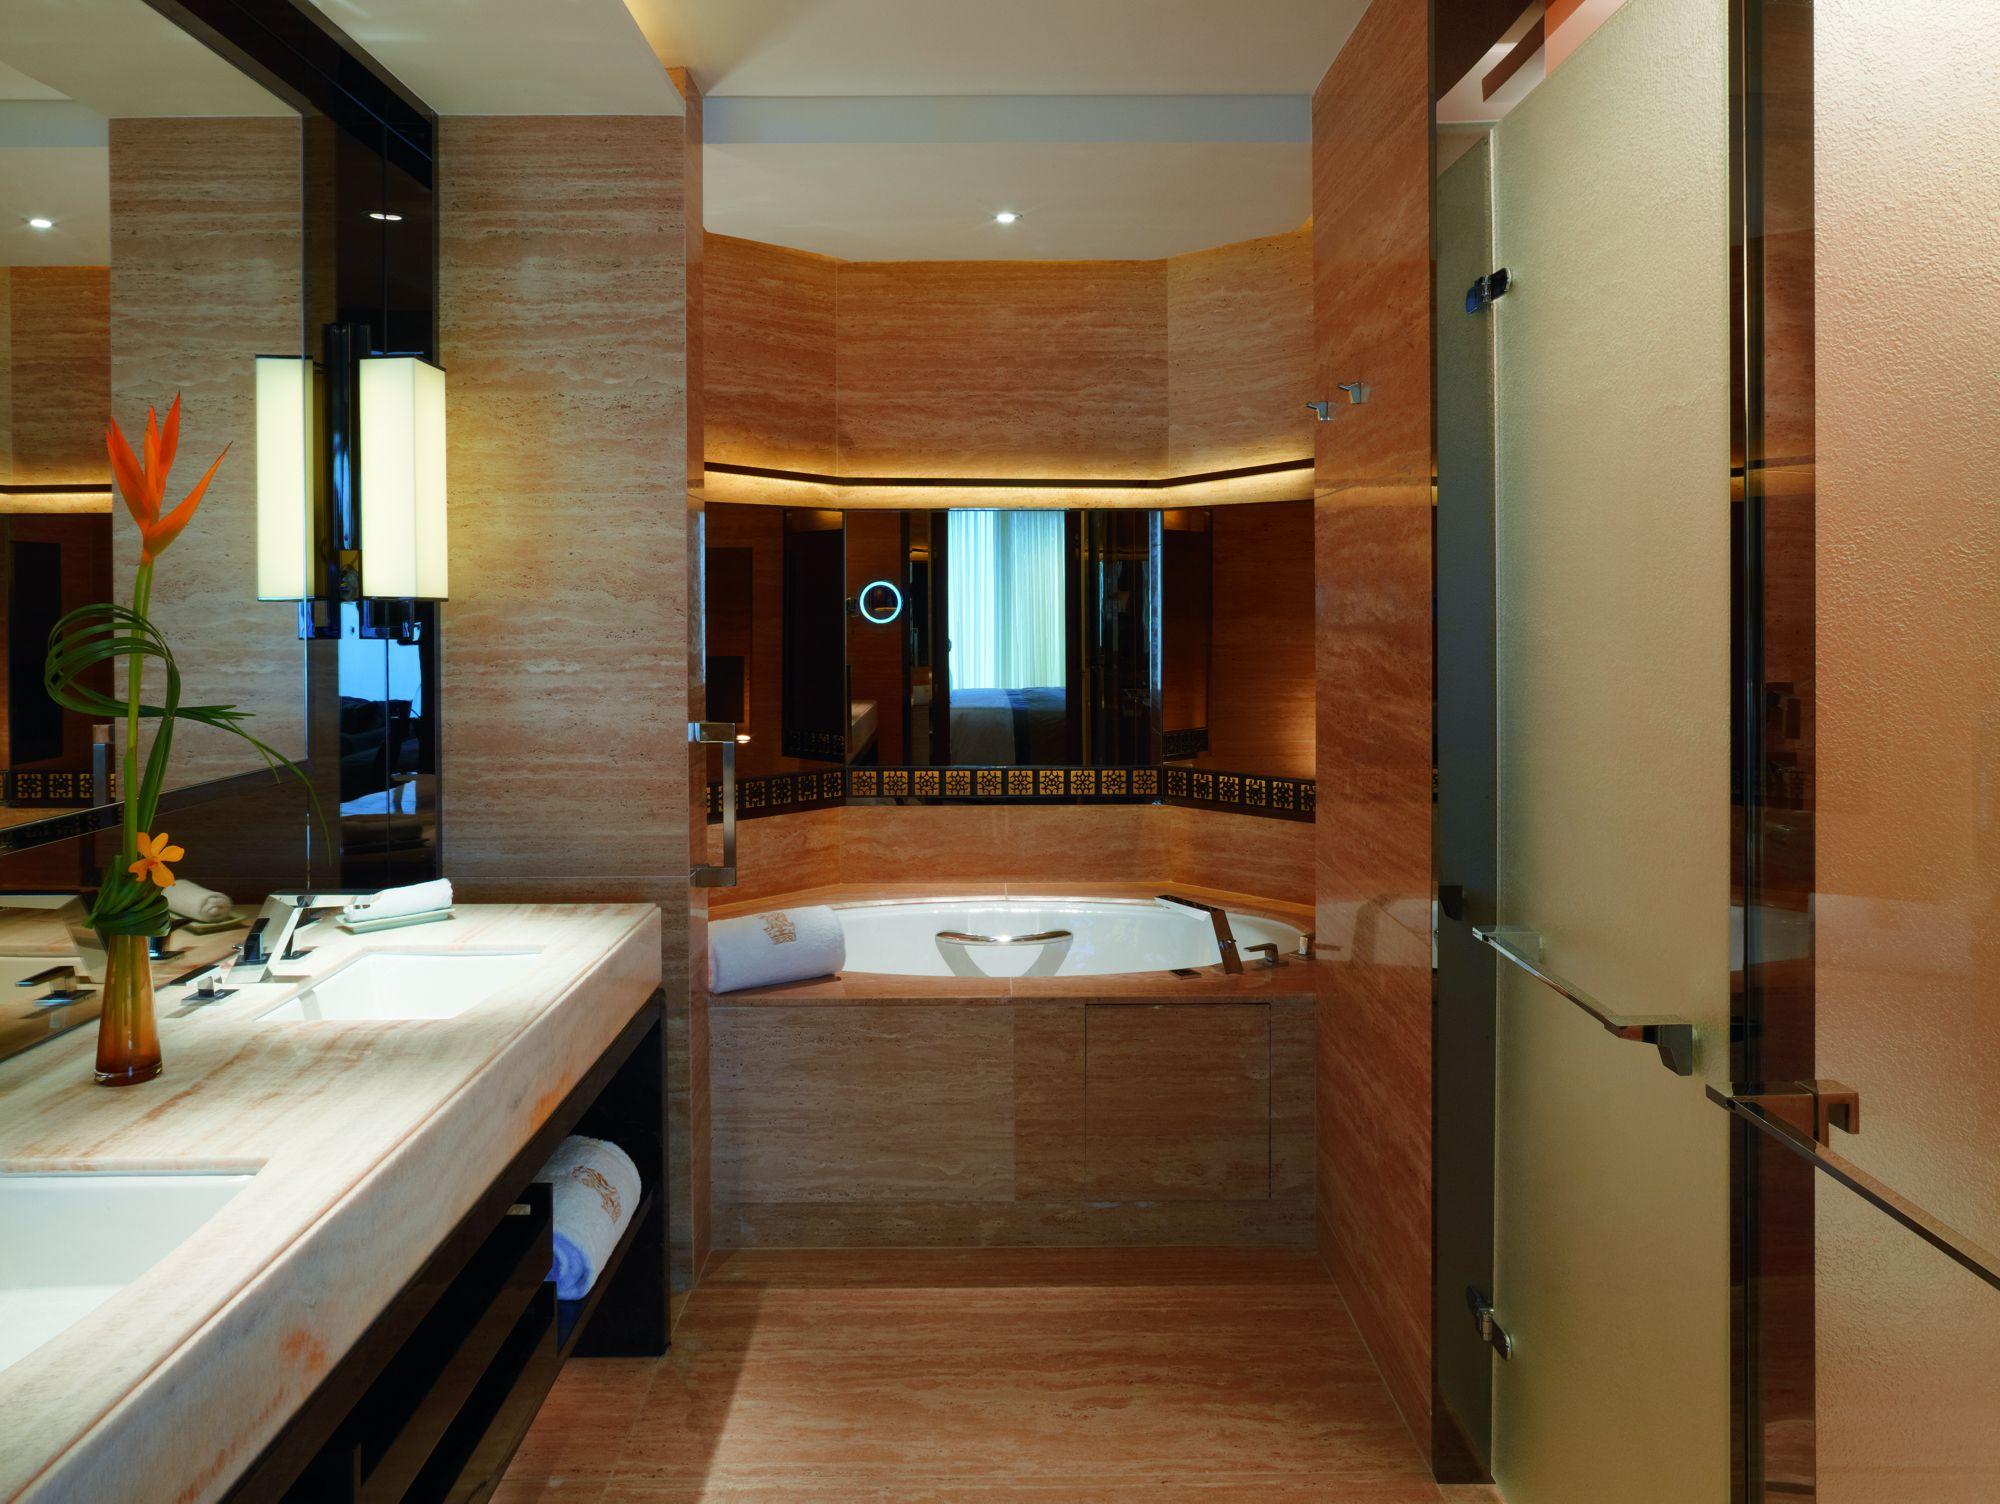 Ritz Carlton Superior Suite 3